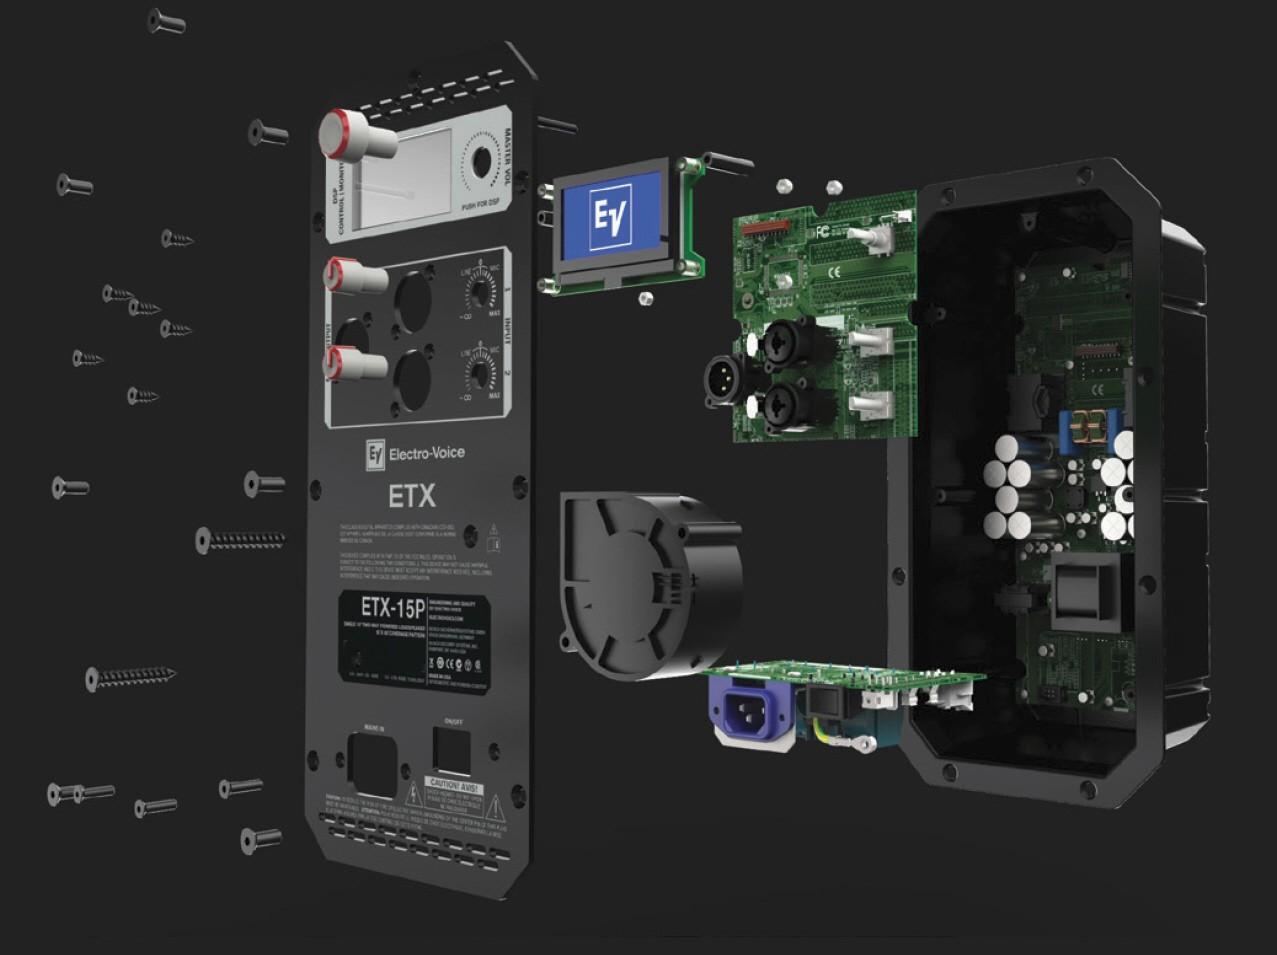 etx elektronika Electro Voice ETX 10P